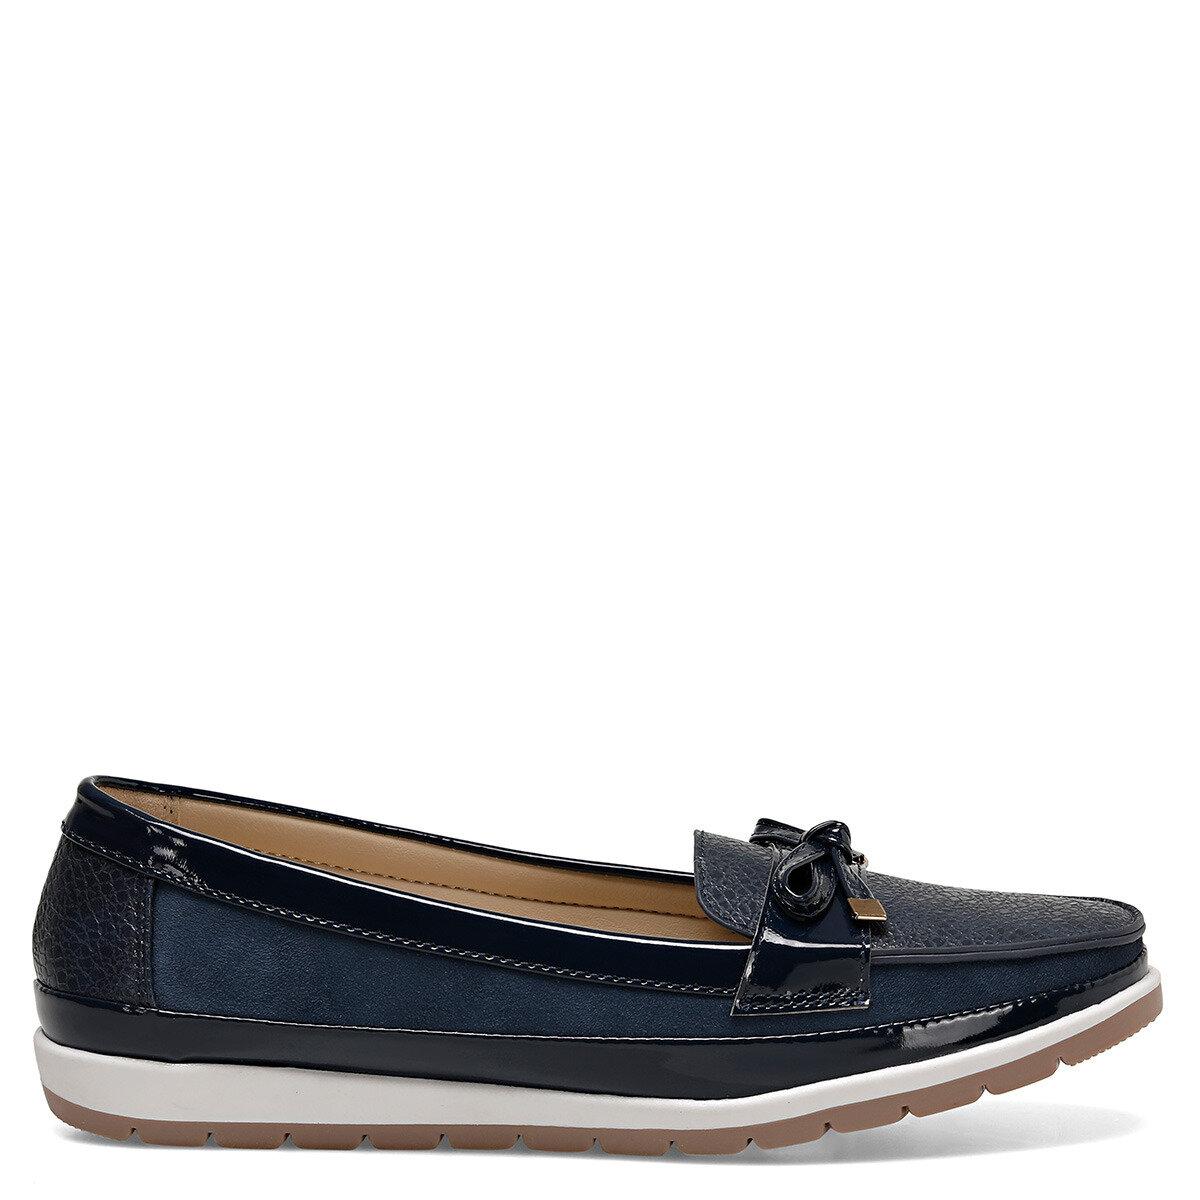 BELTEN Lacivert Kadın Loafer Ayakkabı